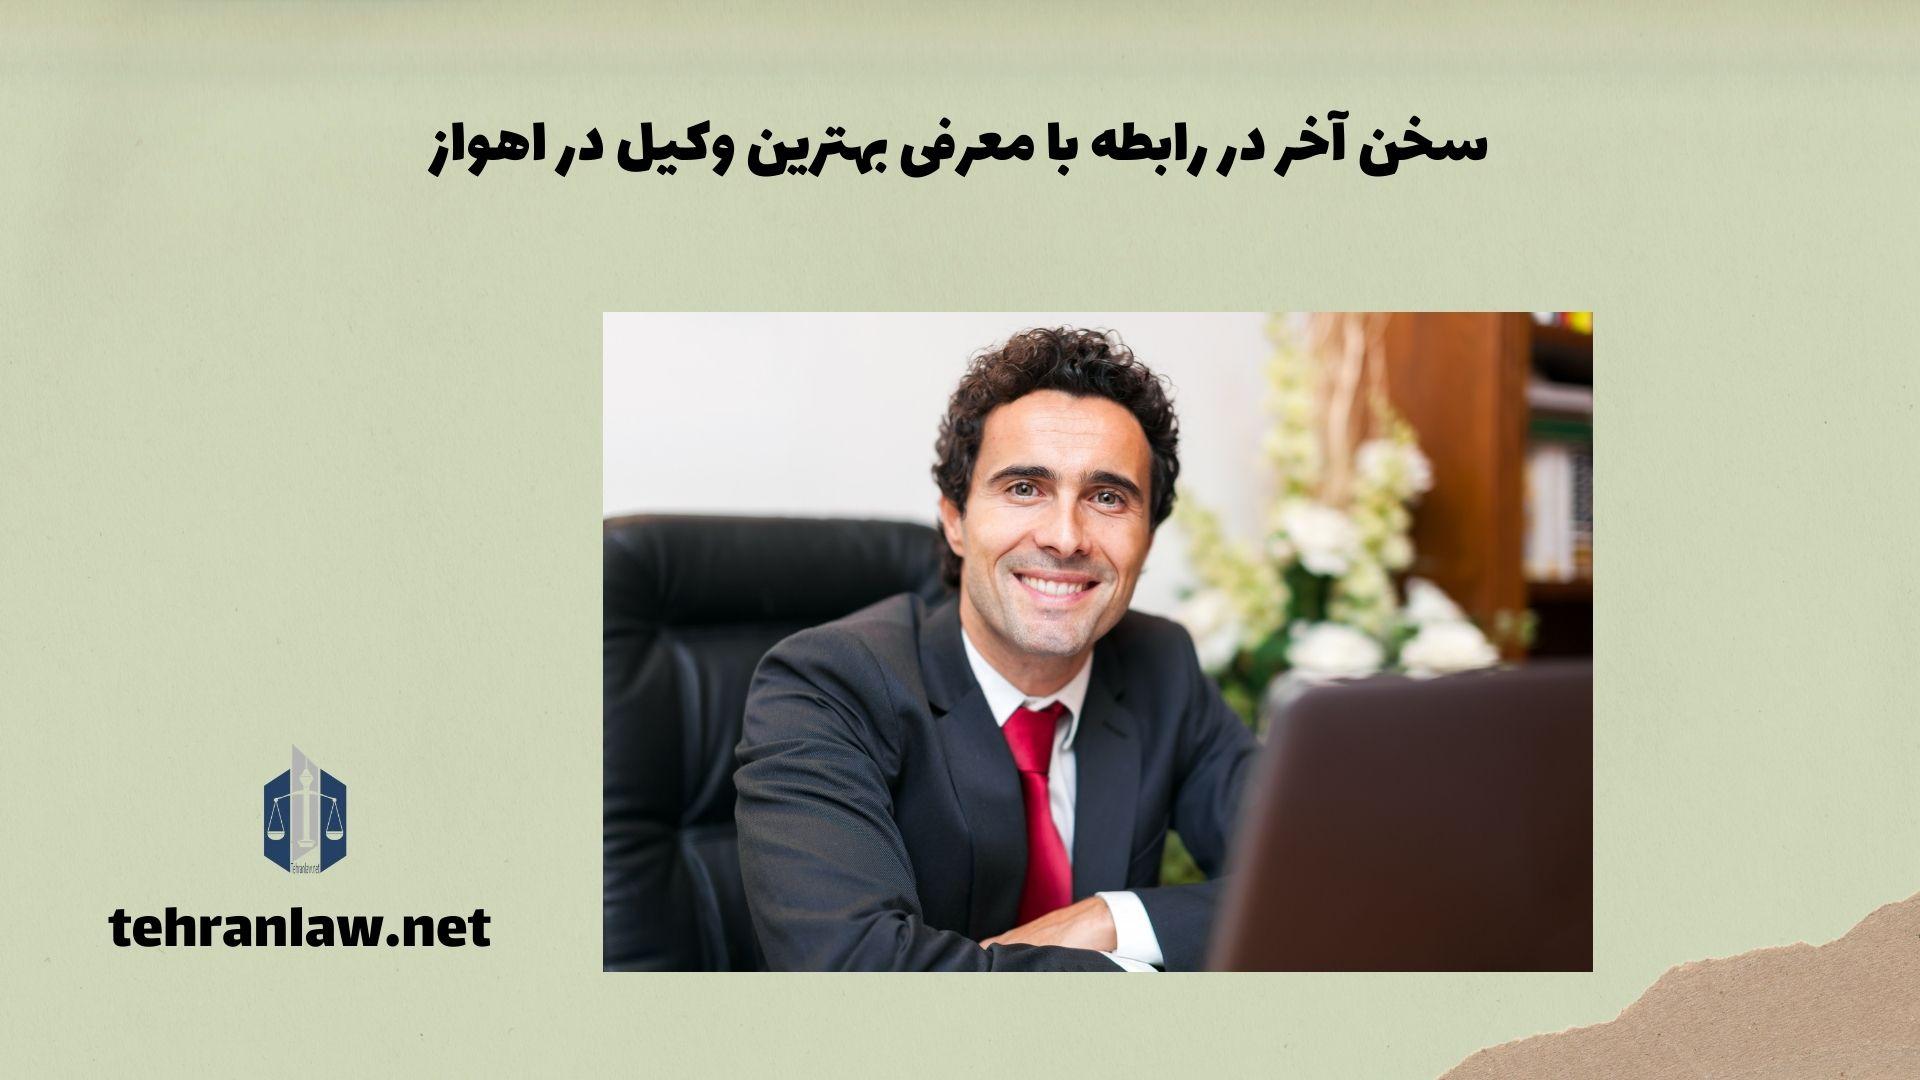 سخن آخر در رابطه با معرفی بهترین وکیل در اهواز